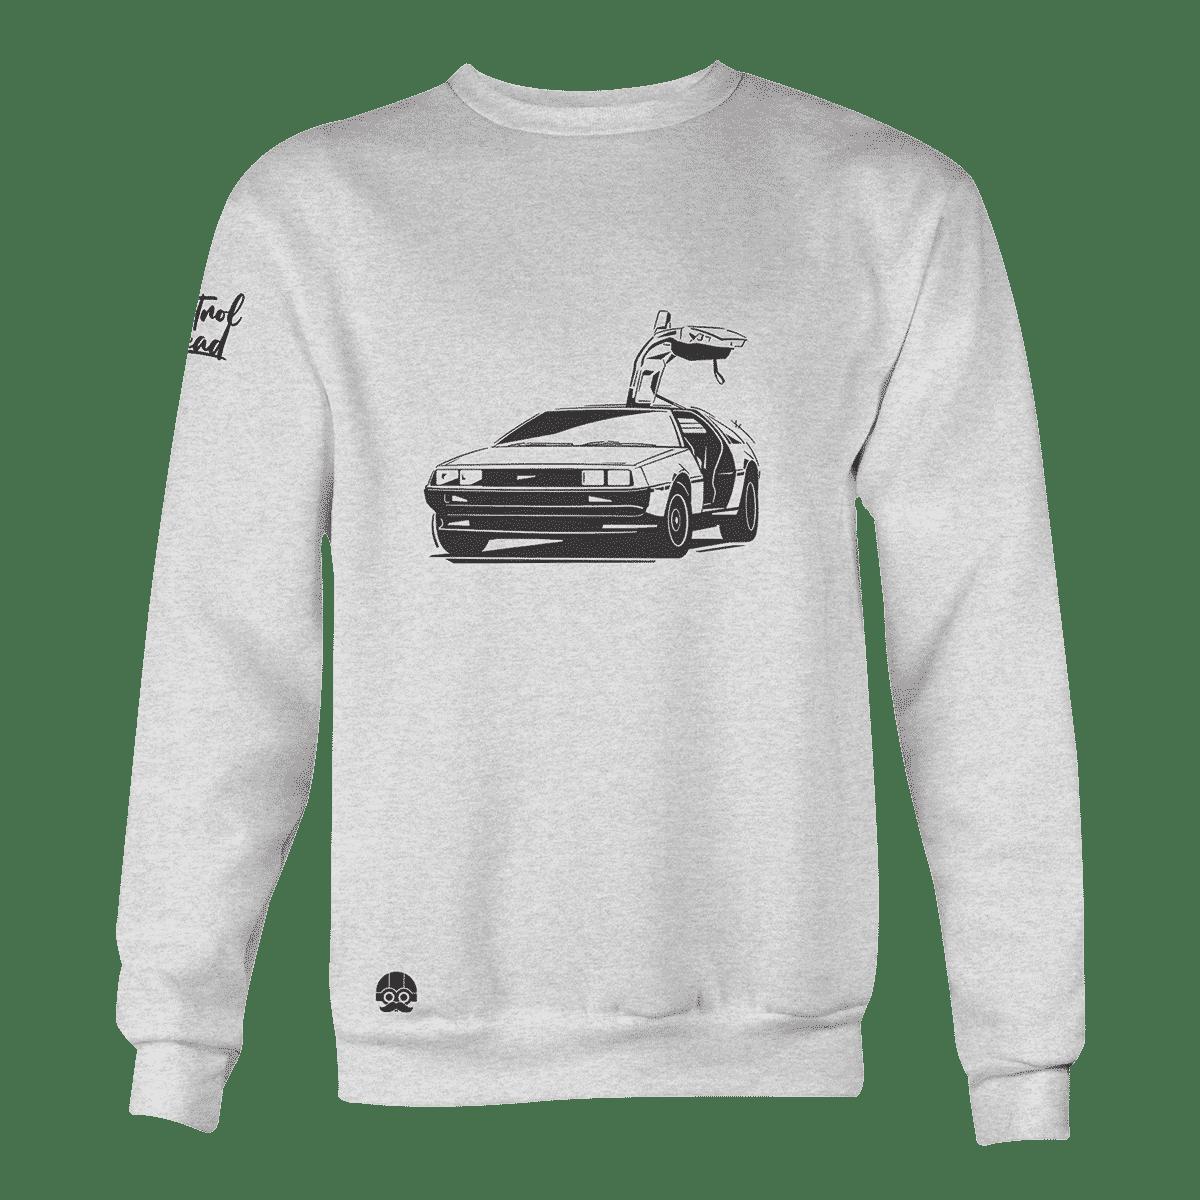 Bluza motoryzacyjna z autem marki DeLorean